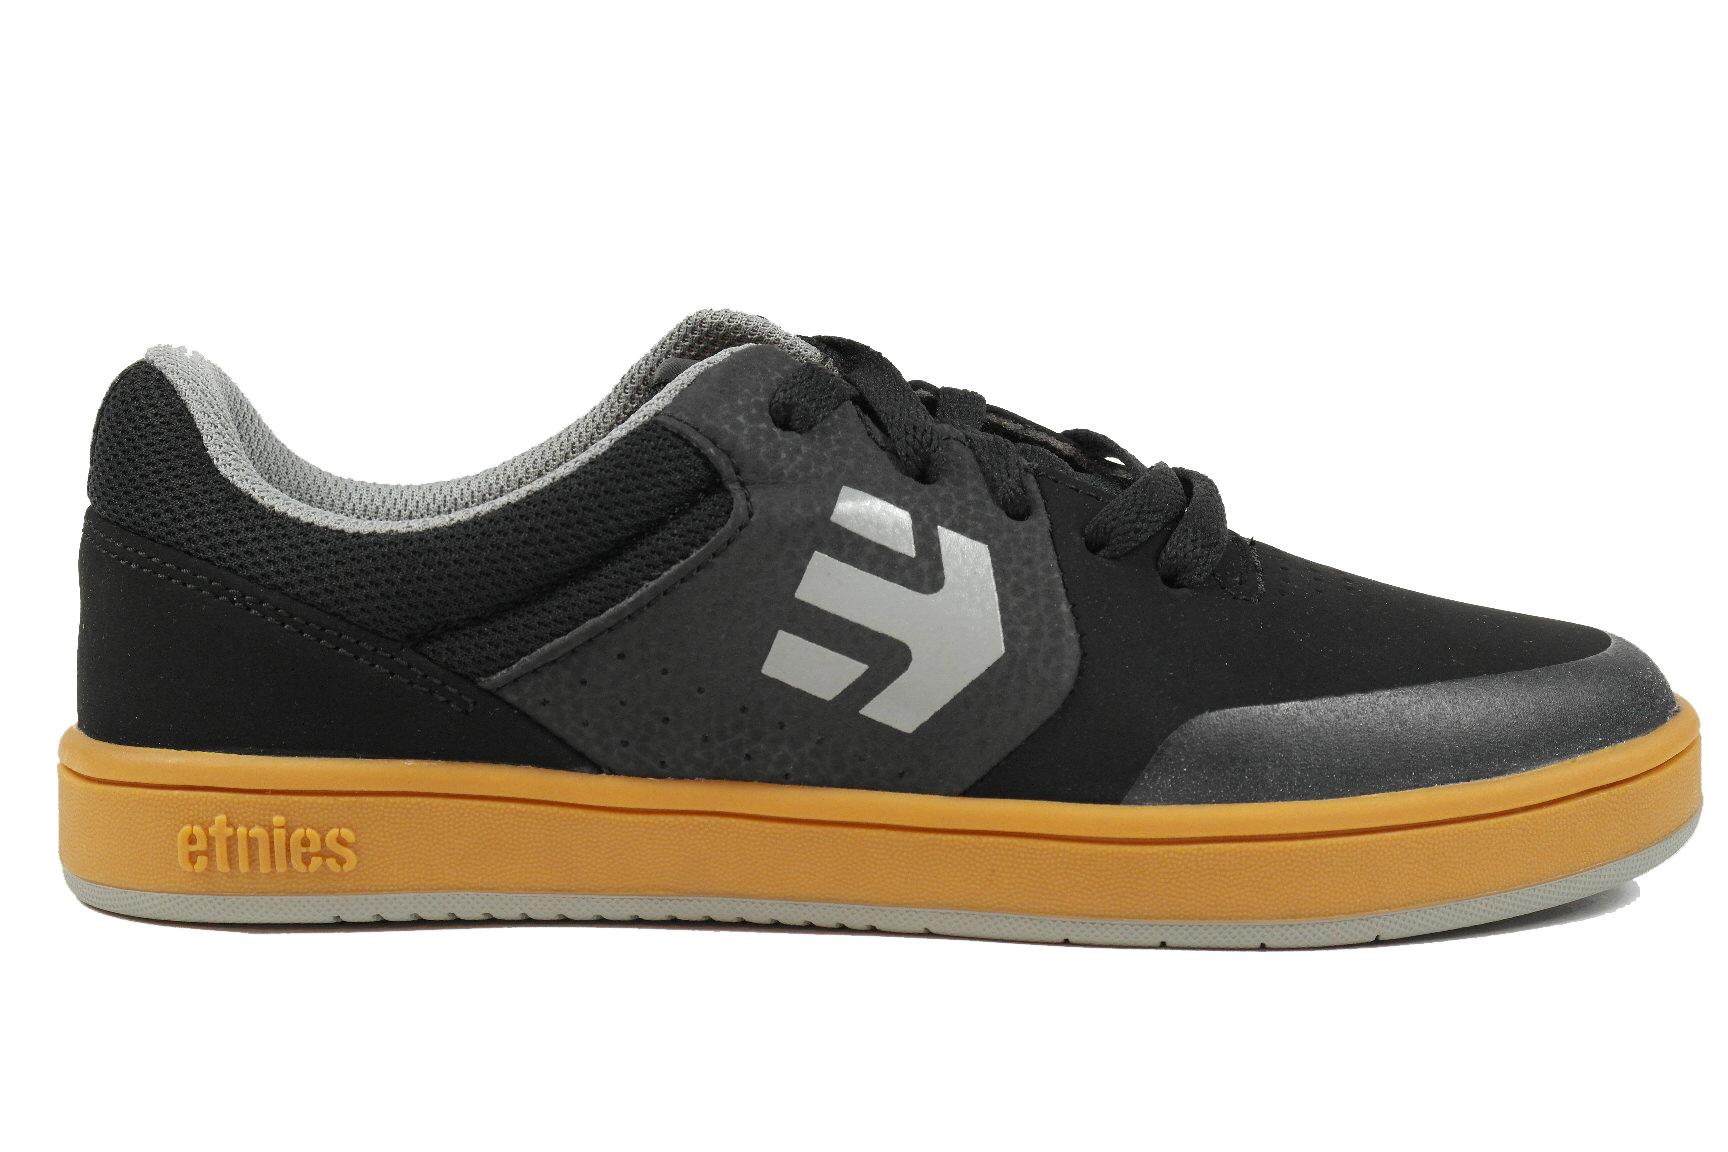 Afbeelding van Etnies Marana Jongens sneakers ZWART